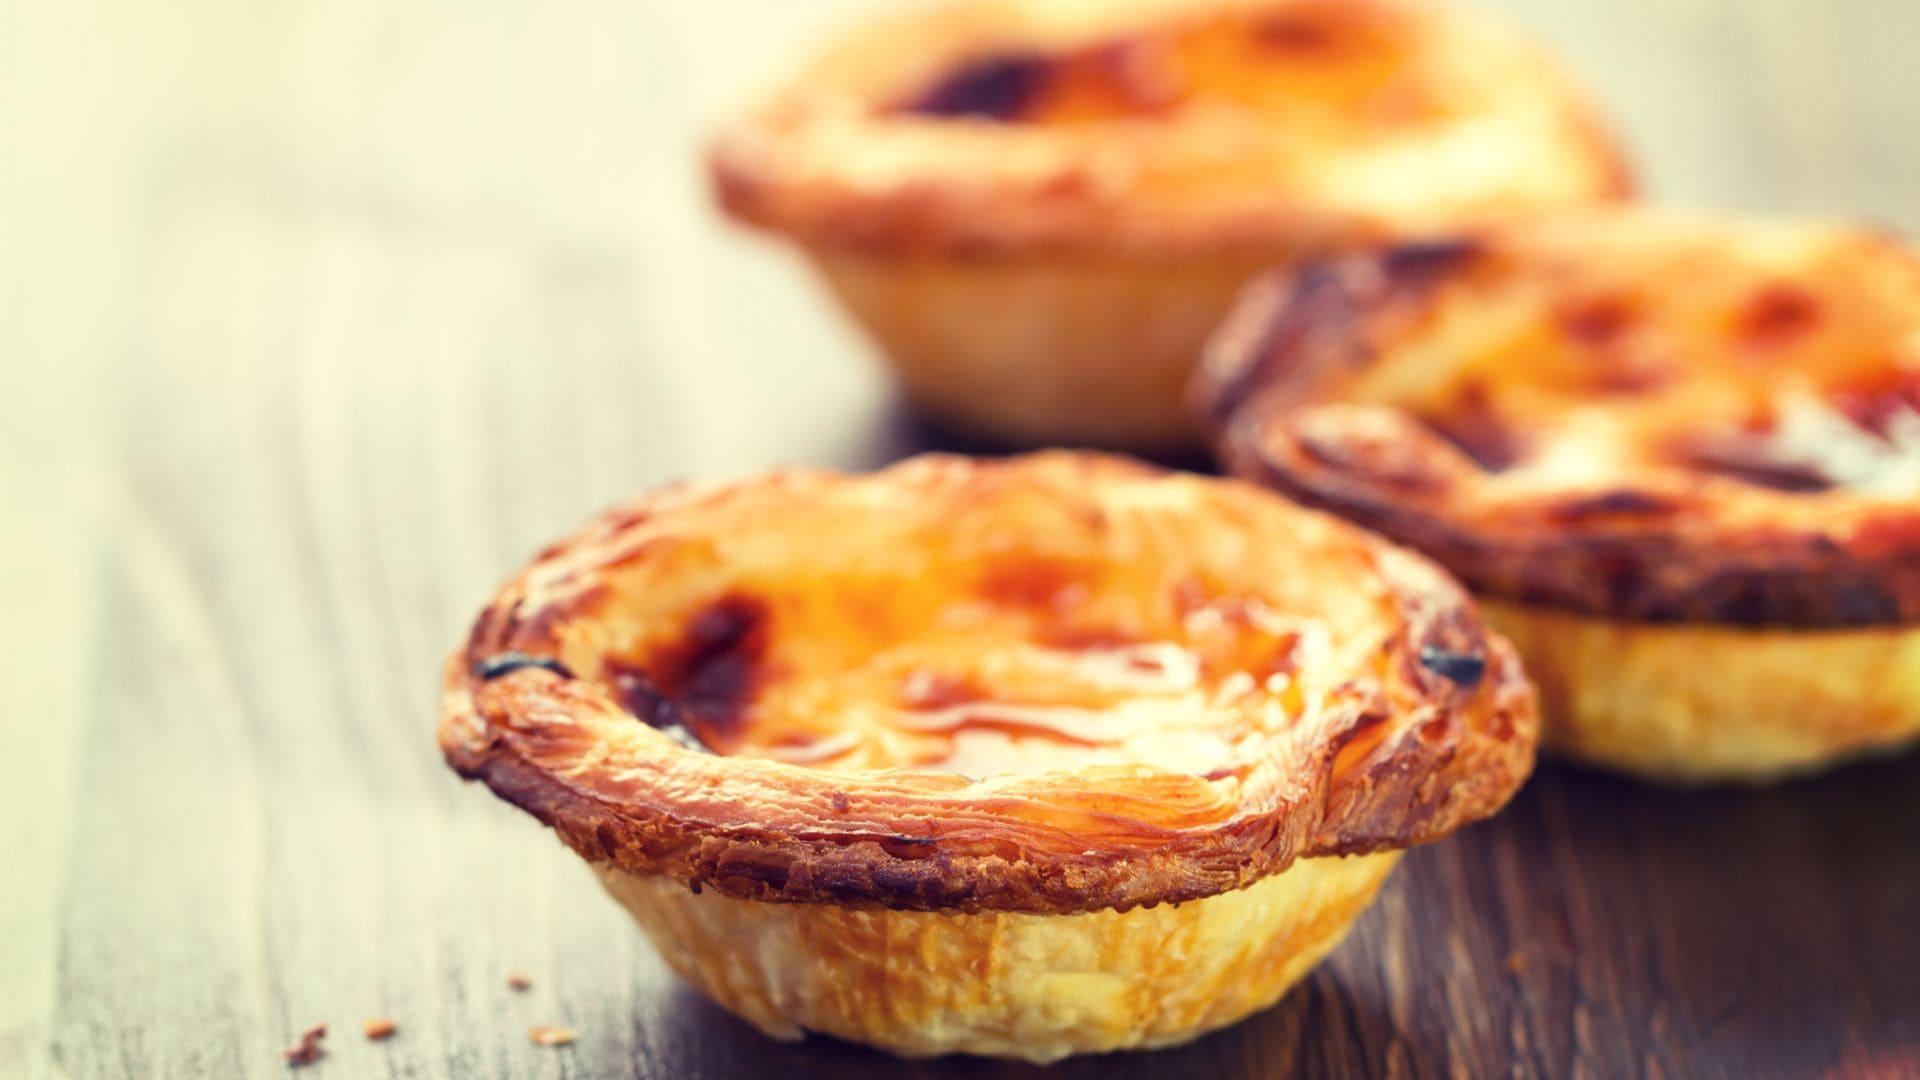 Dos fronteras, dos gastronomías por descubrir: ahondando en los sabores de Francia y Portugal